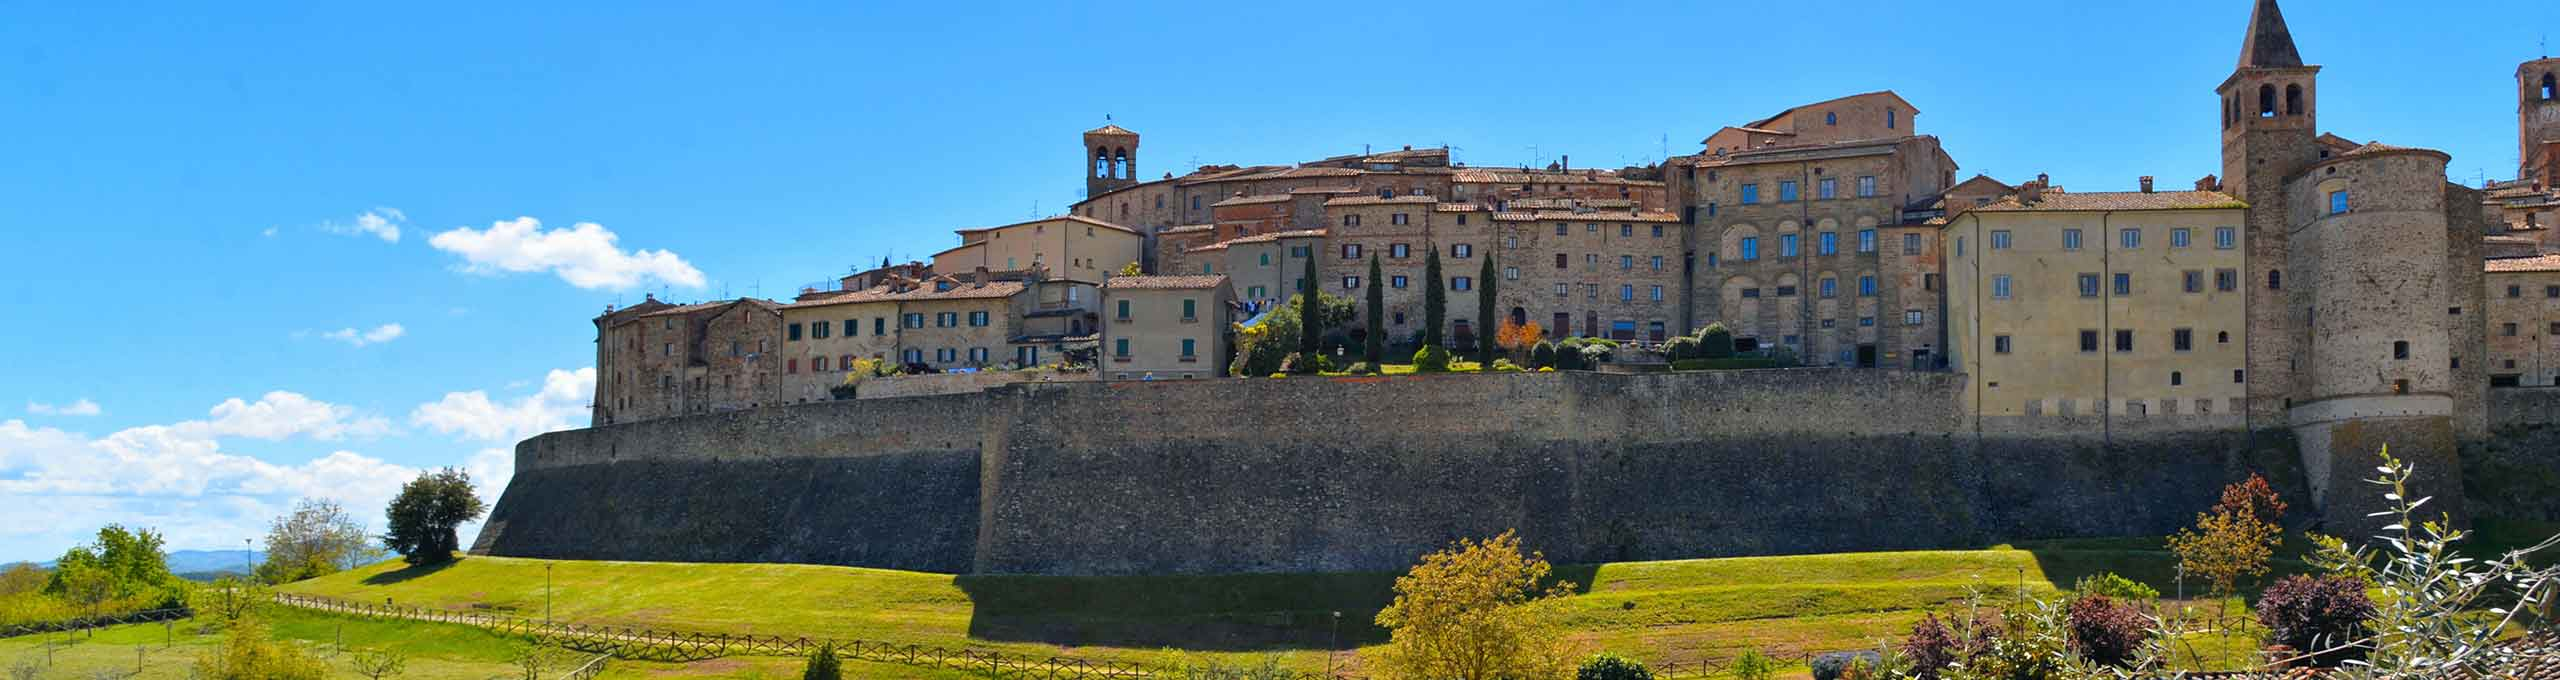 Borgo medievale di Anghiari in Valtiberina